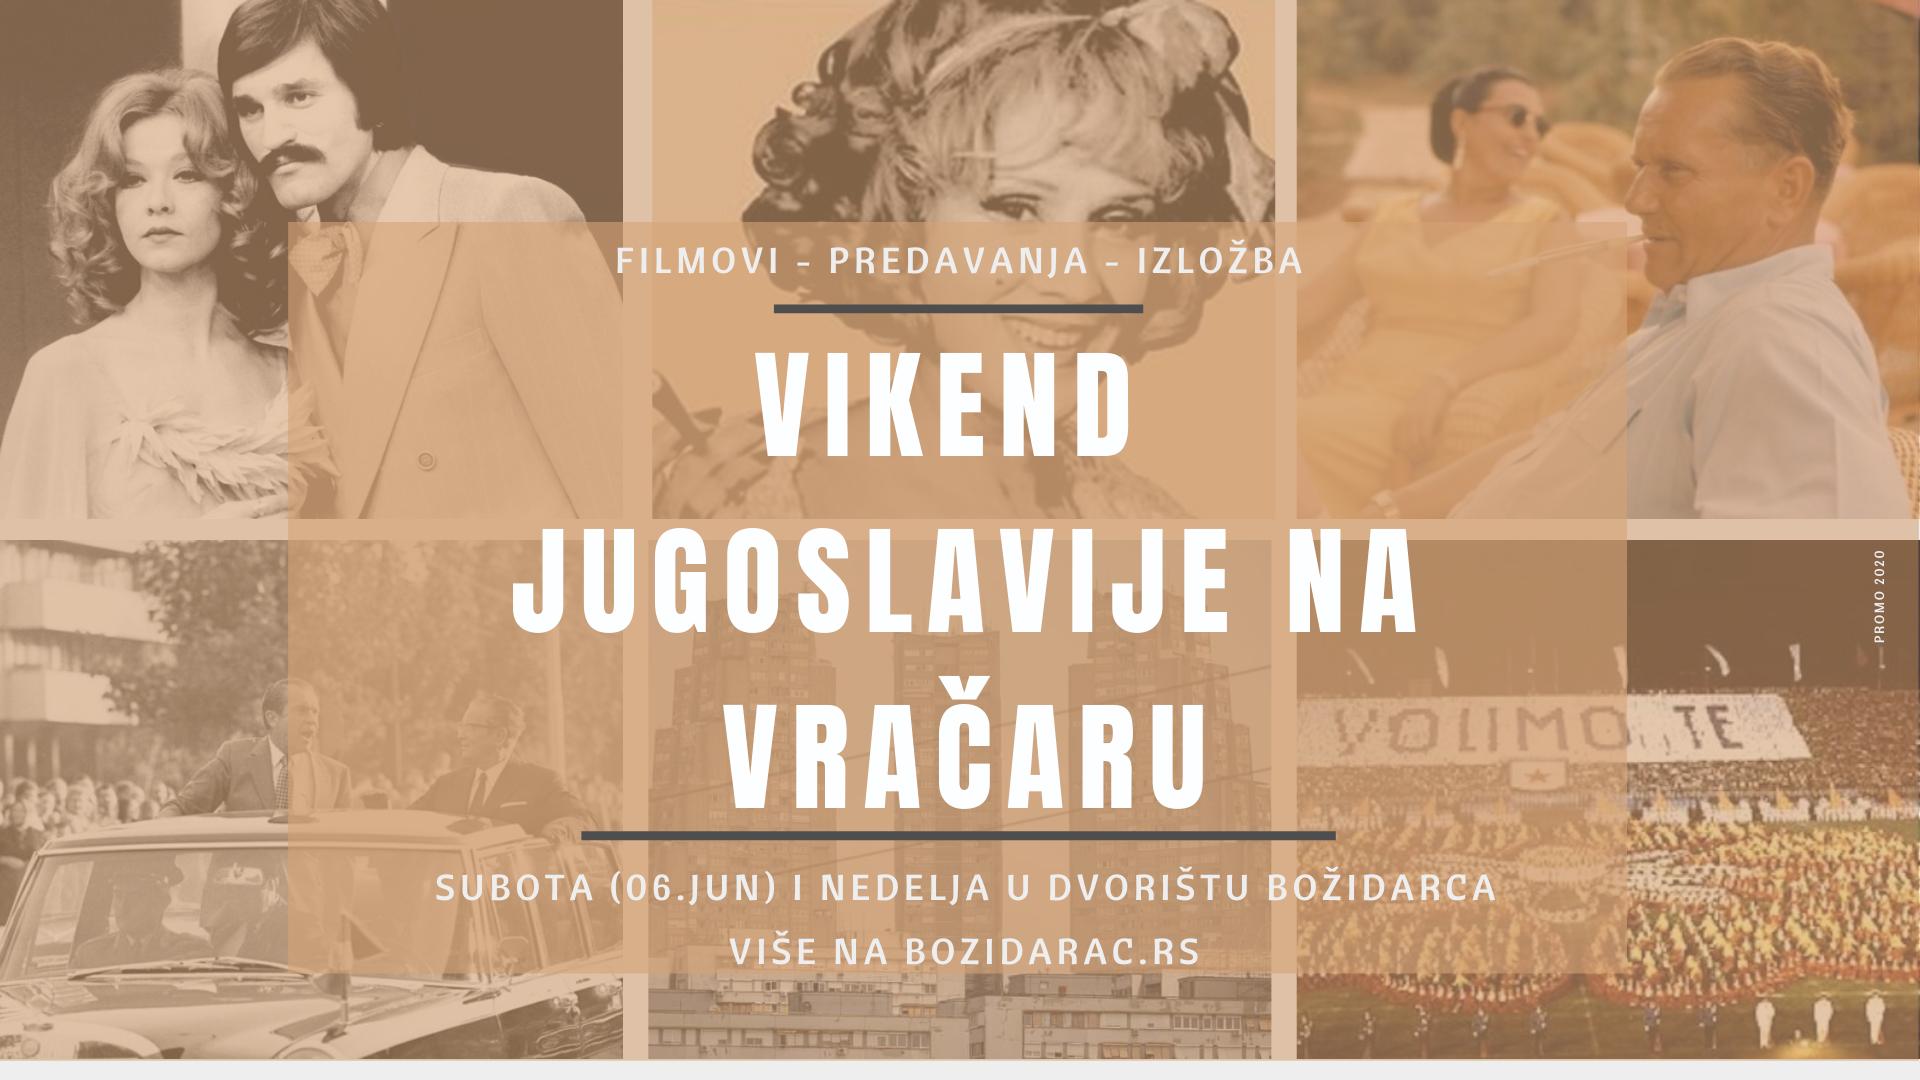 Vikend Jugoslavije na Vračaru